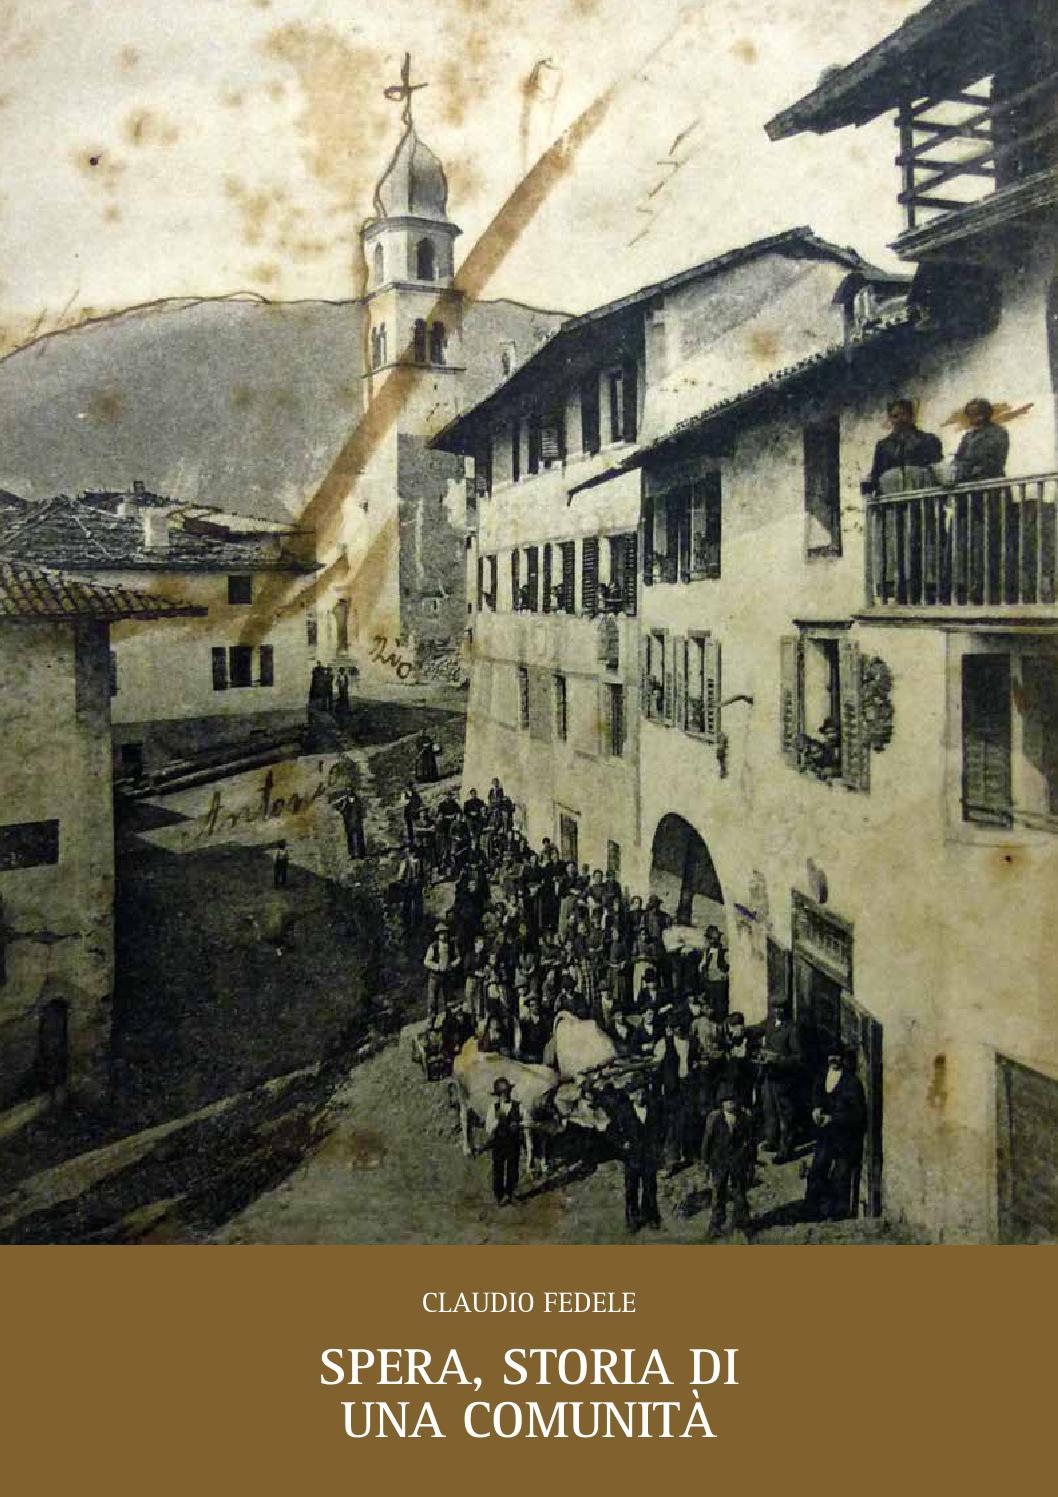 Spera storia di una comunit by ecomuseo valsugana issuu for Layout di una casa di una storia